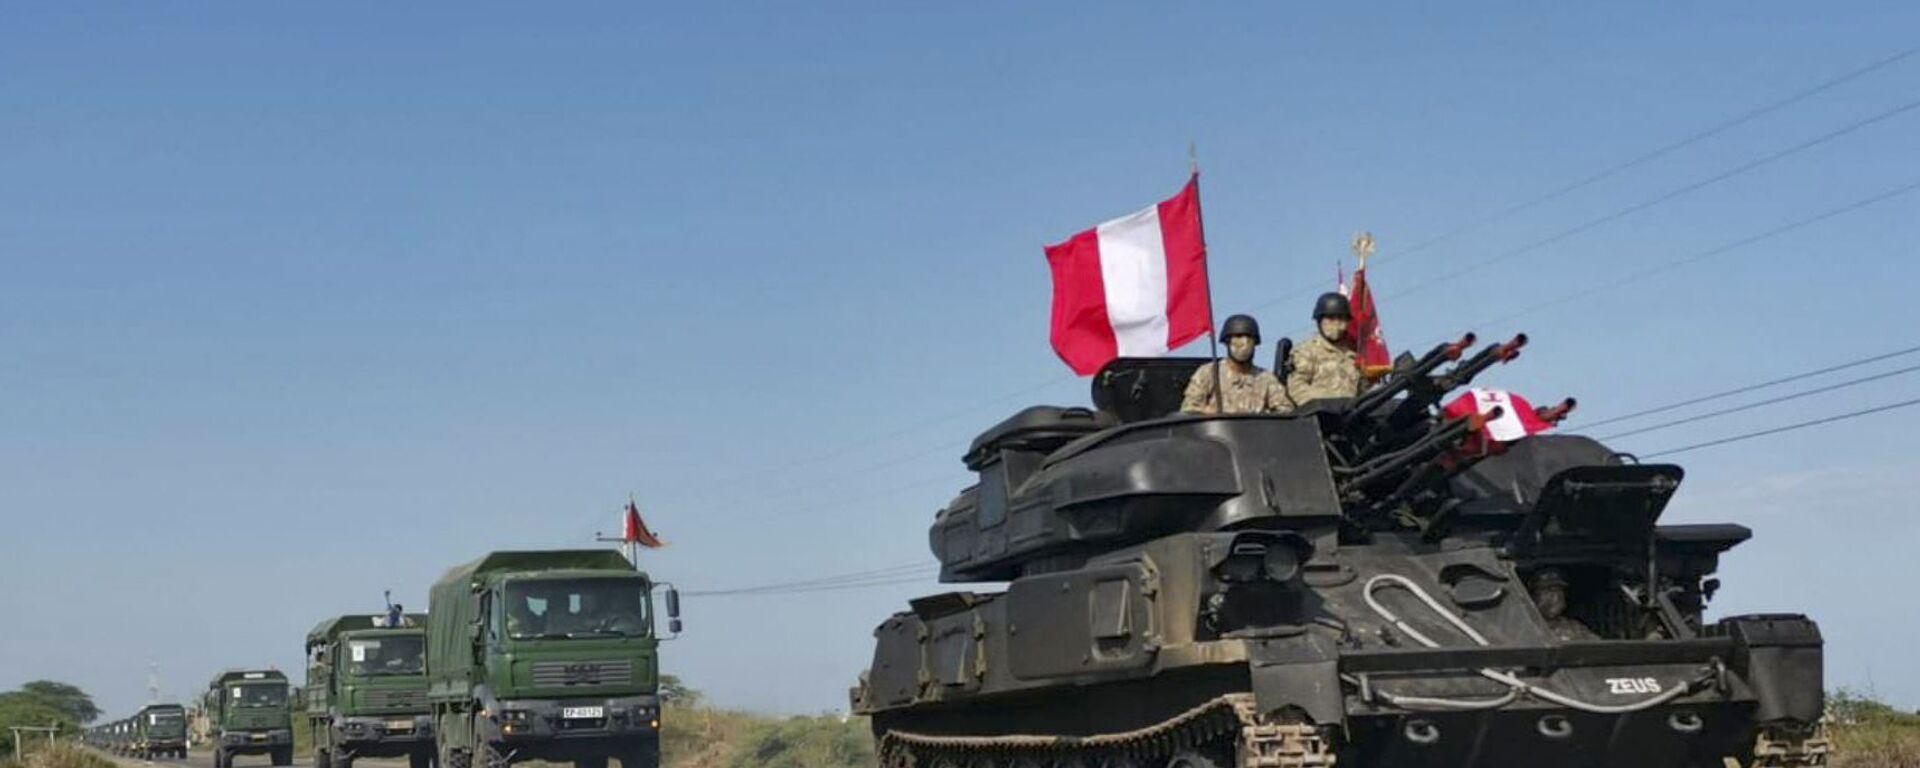 Vehículos militares del Ejército peruano se dirigen a la frontera con Ecuador.  - Sputnik Mundo, 1920, 02.08.2021